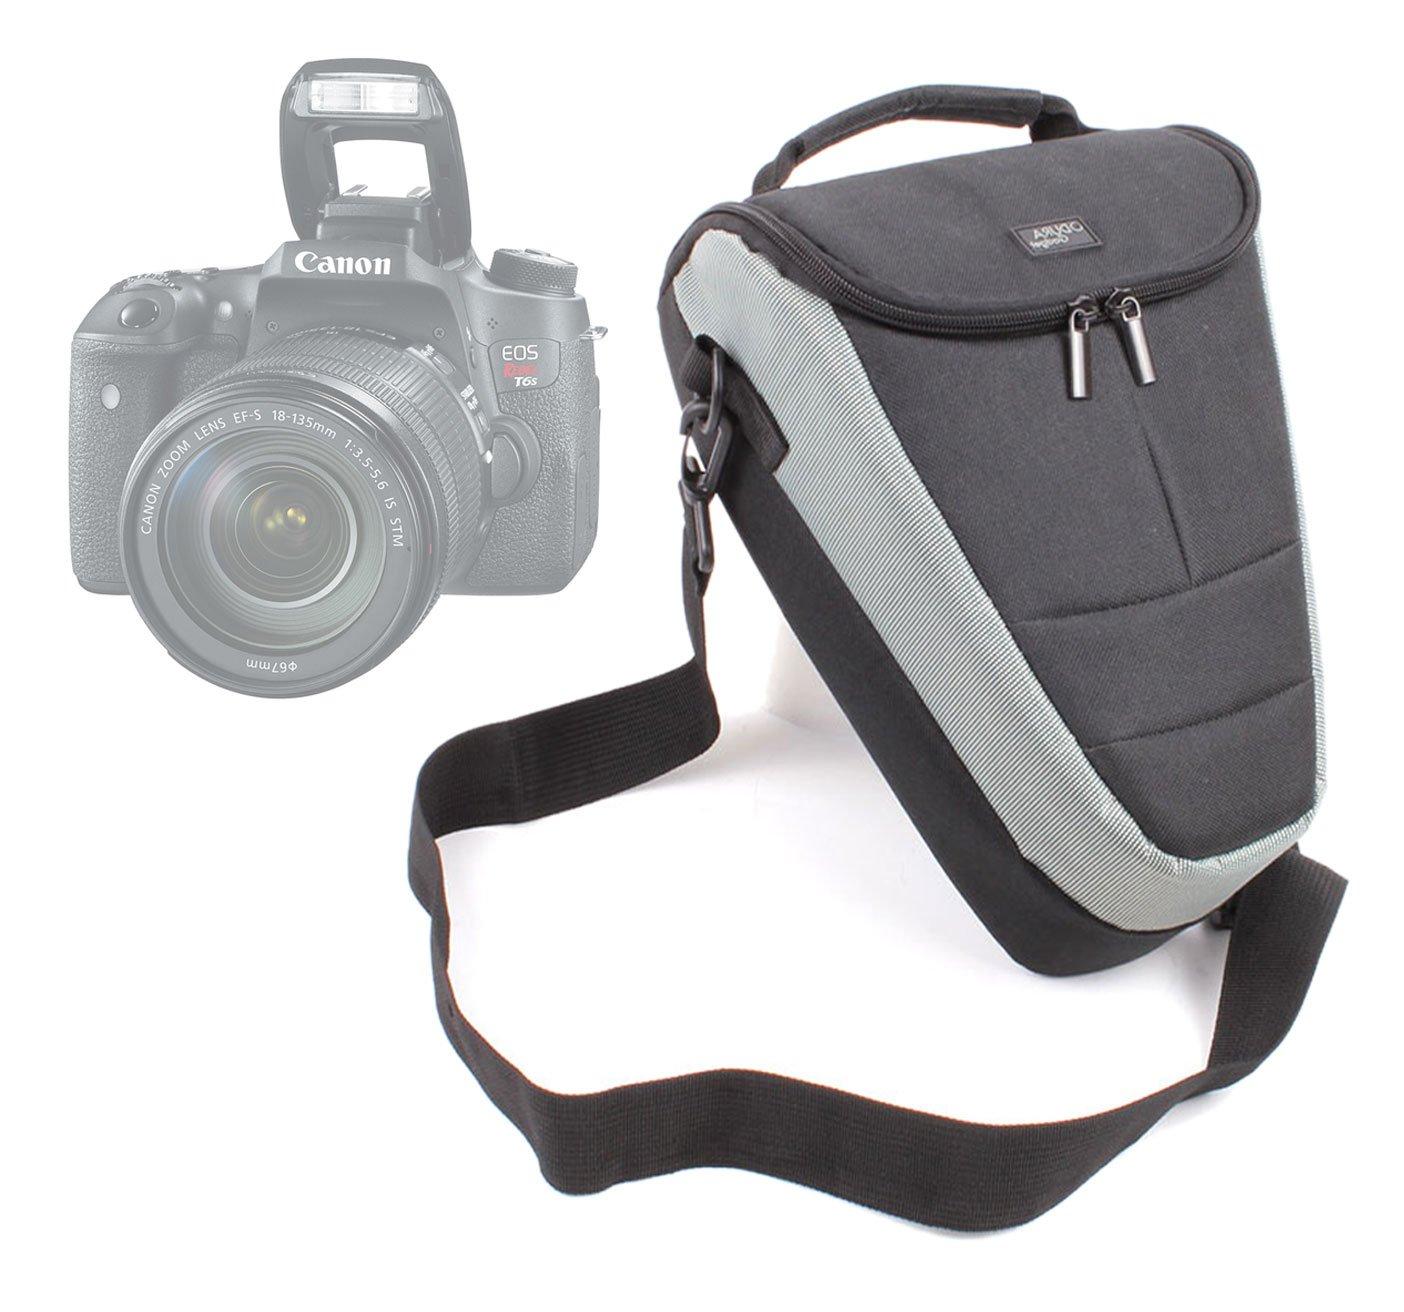 Housse é tui de transport pour appareils photo SLR Canon EOS 760D, 750D, Rebel T6s & T6i, Pentax K-S2, K-3 et K-50 et leurs accessoires + bandouliè re BONUS, par DURAGADGET K-3 et K-50 et leurs accessoires + bandoulière BONUS